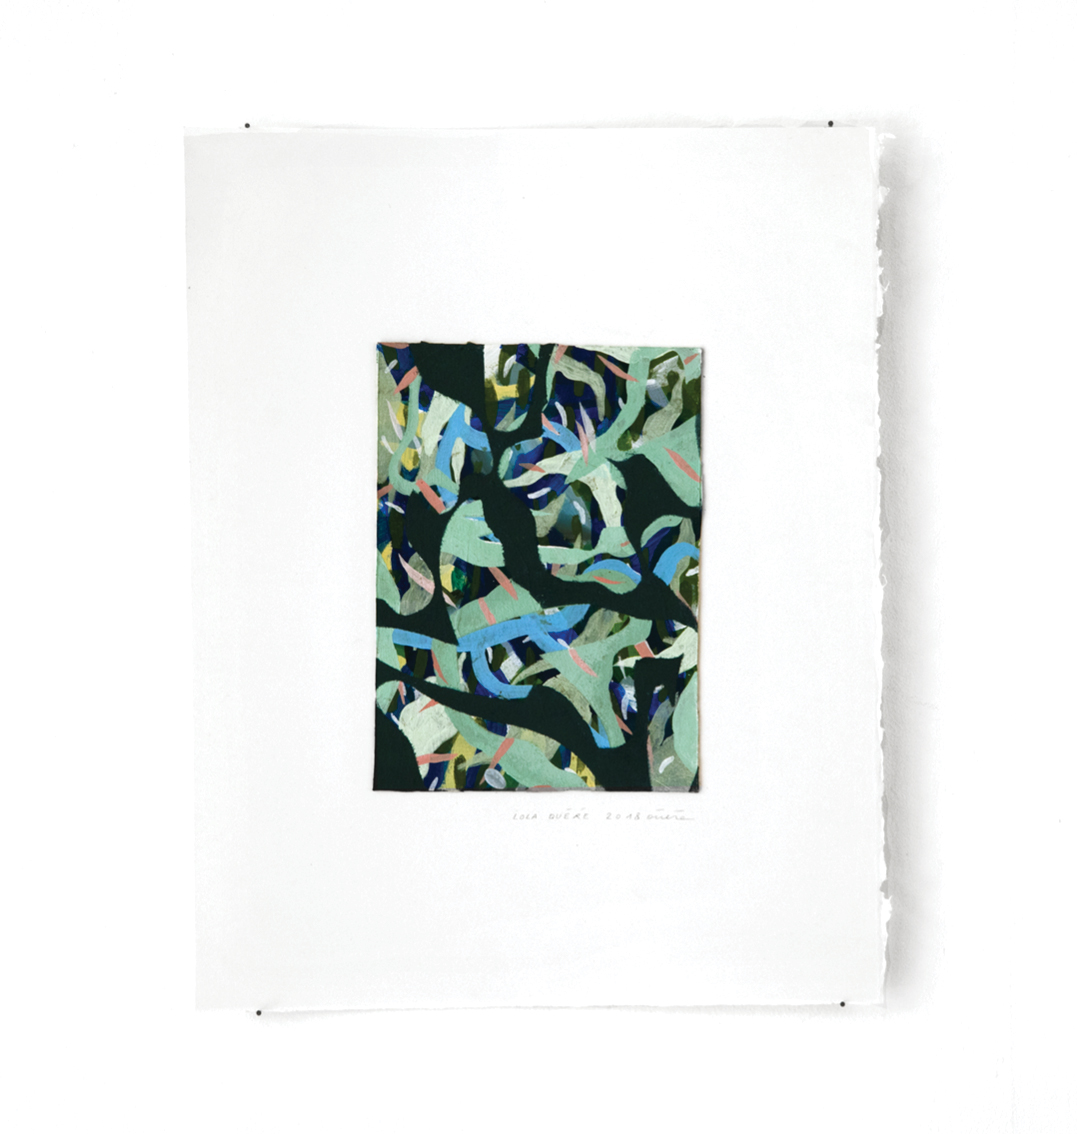 Mousse - Peinture acrylique sur carton - 33 x 44 cm - 2017